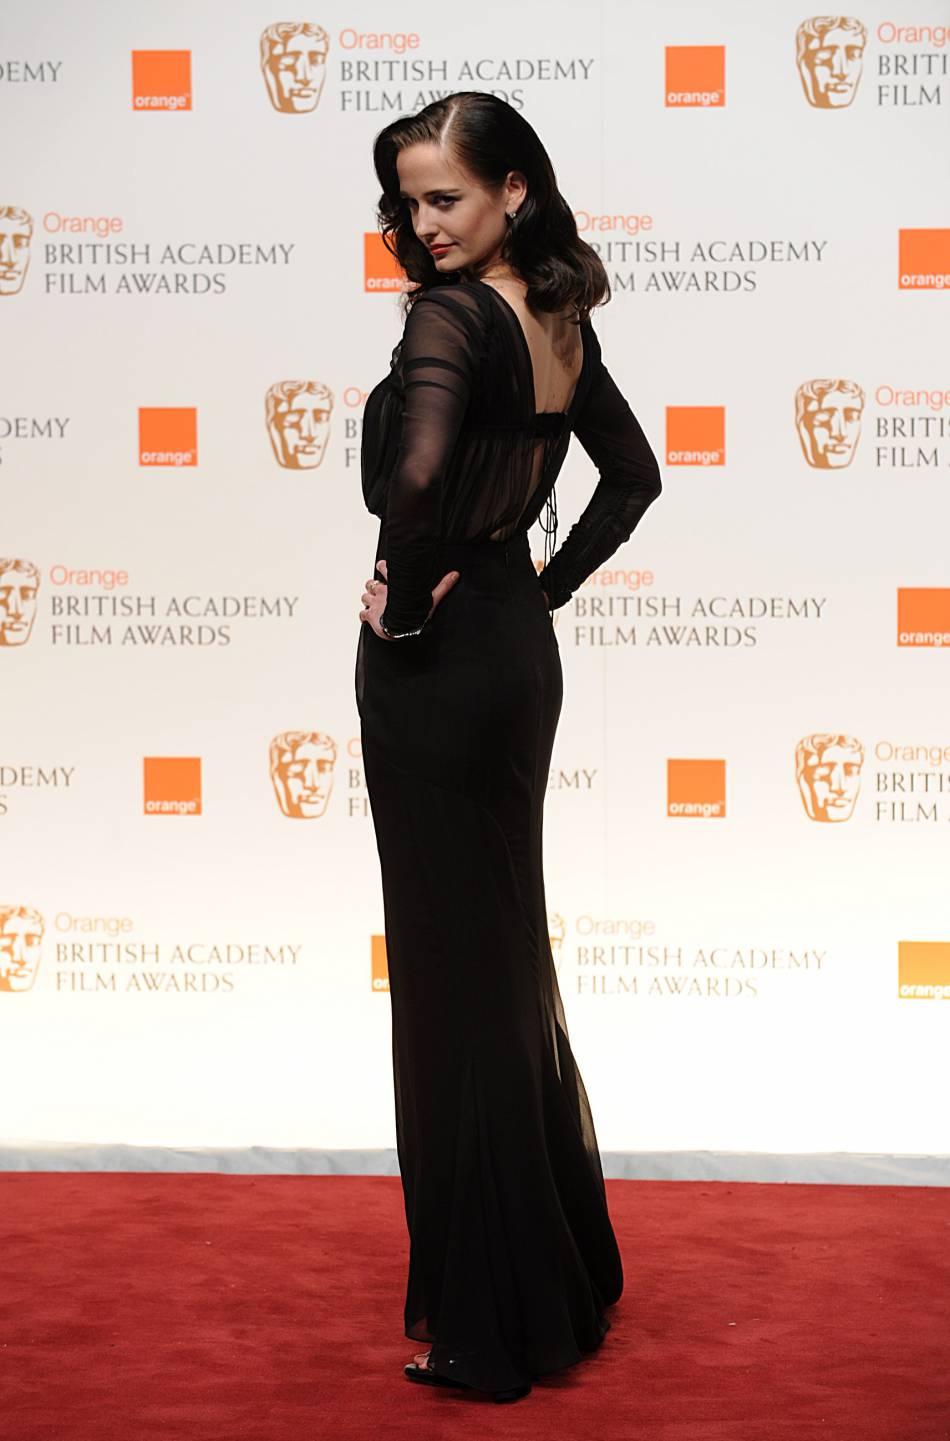 Amélioration sensible pour Eva Green qui joue encore une fois les beautés rétro aux British Academy Film Awards 2011. Elle est renversante et la pose est parfaite. Quelle allure !